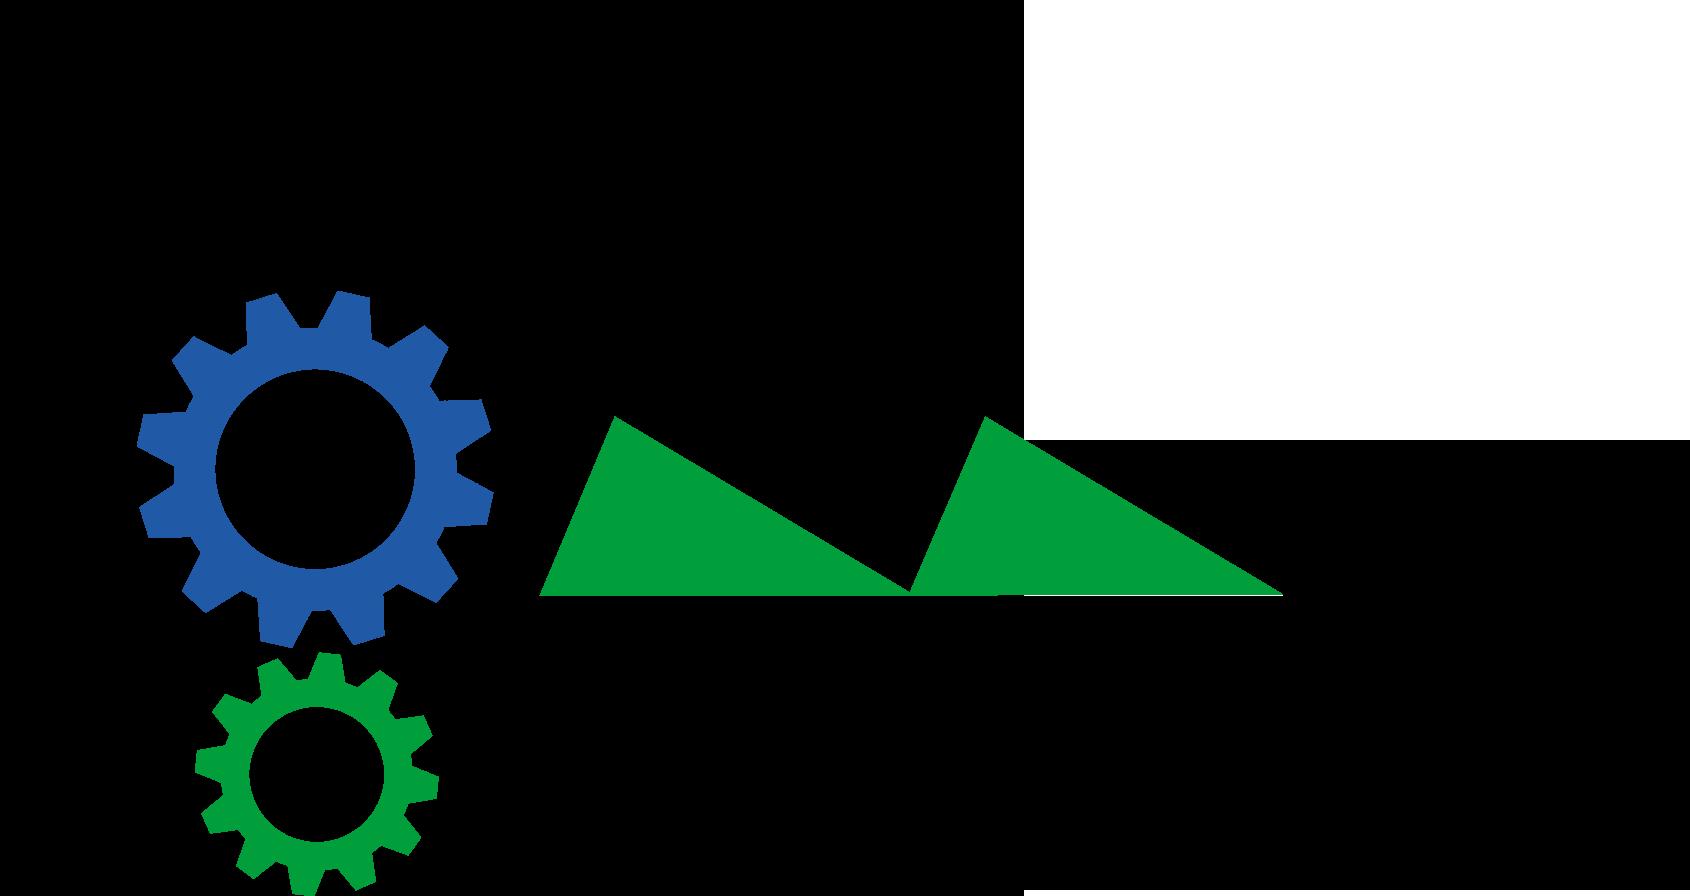 Accompagner l'association dans sa gestion informatique